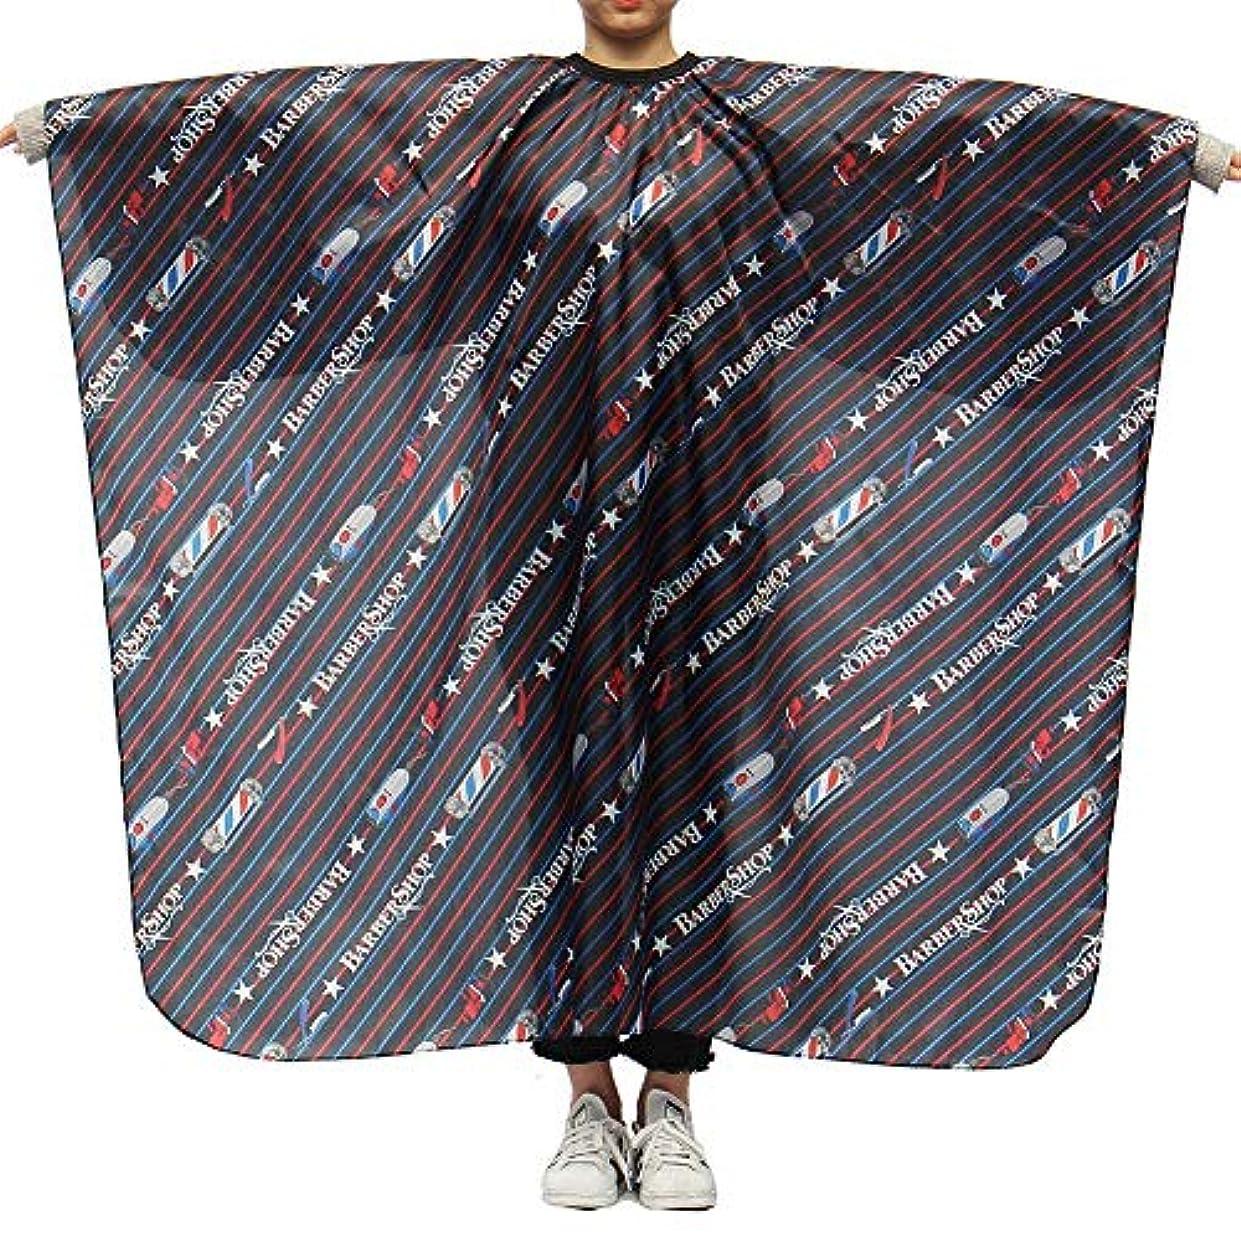 狼大統領保守的Ling(リンー)-ビューティー 理髪ケープ 理髪布 店用 家庭用 通気性 滑らか ポリエステル製